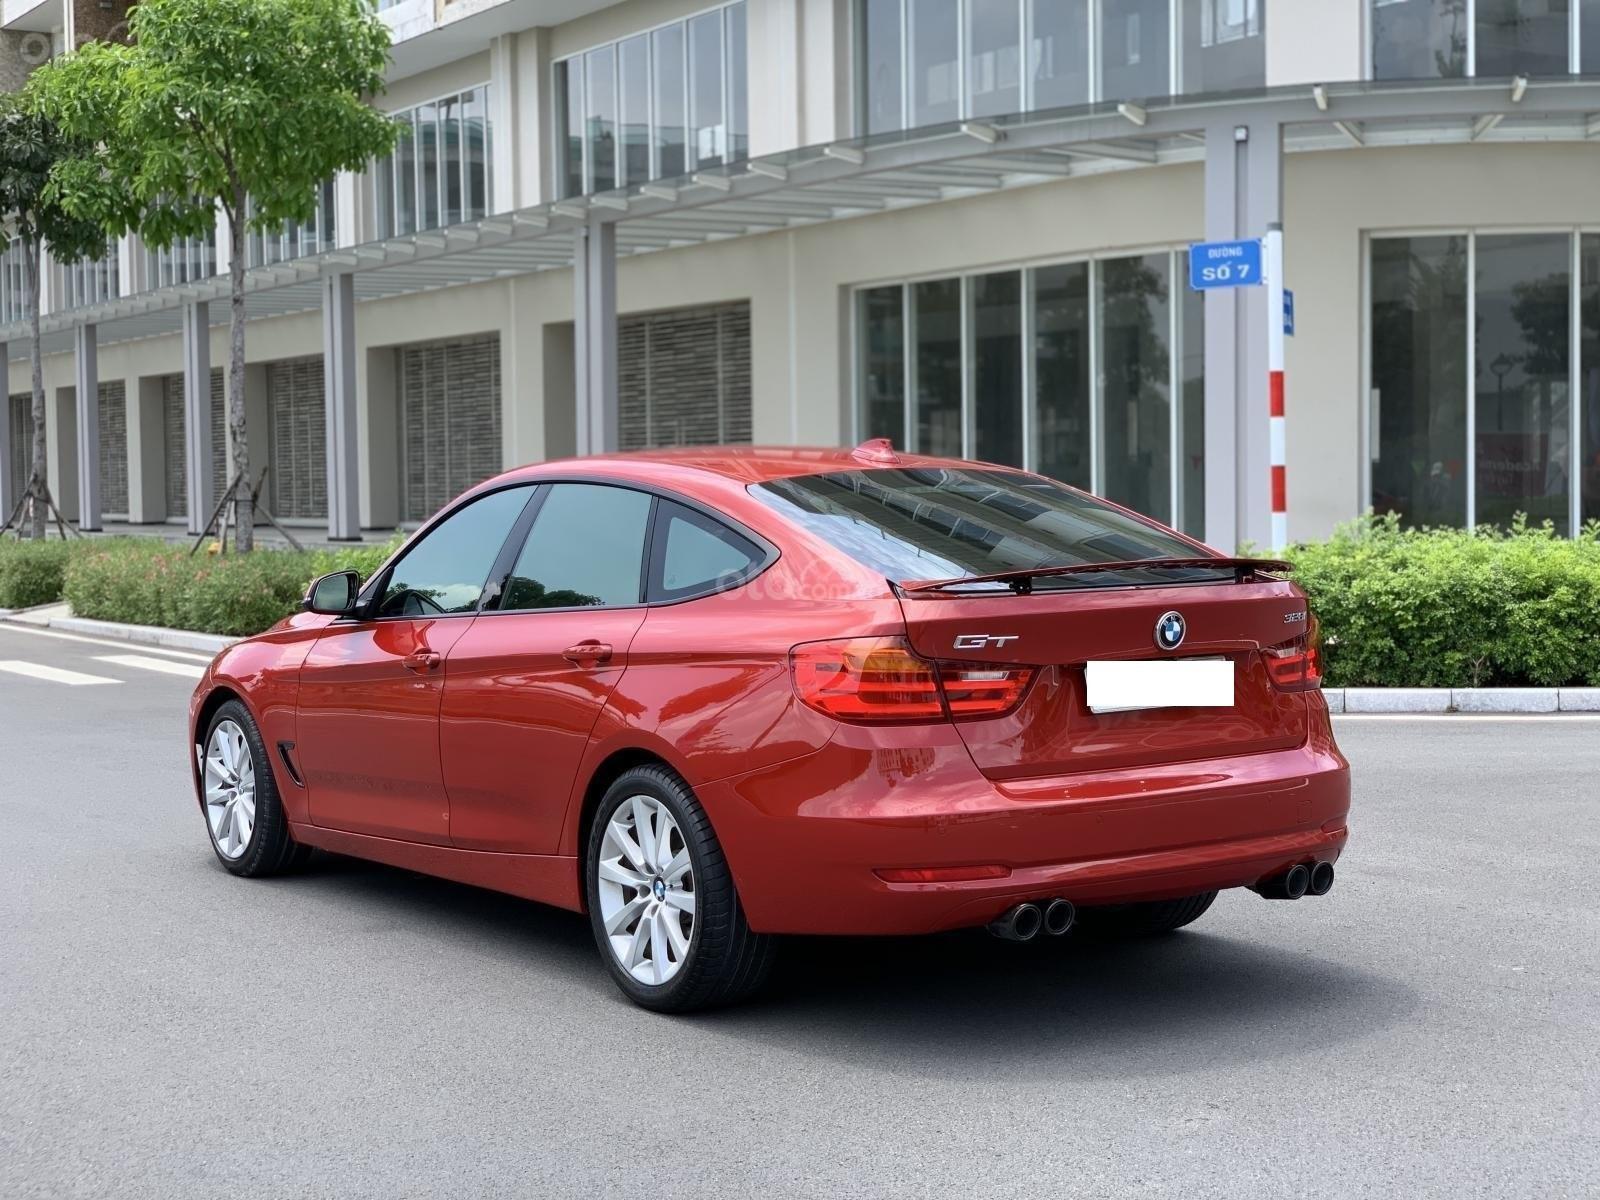 Cần bán BMW 3 Series 328i GT năm sản xuất 2015, màu đỏ/kem nhập khẩu nguyên chiếc (5)